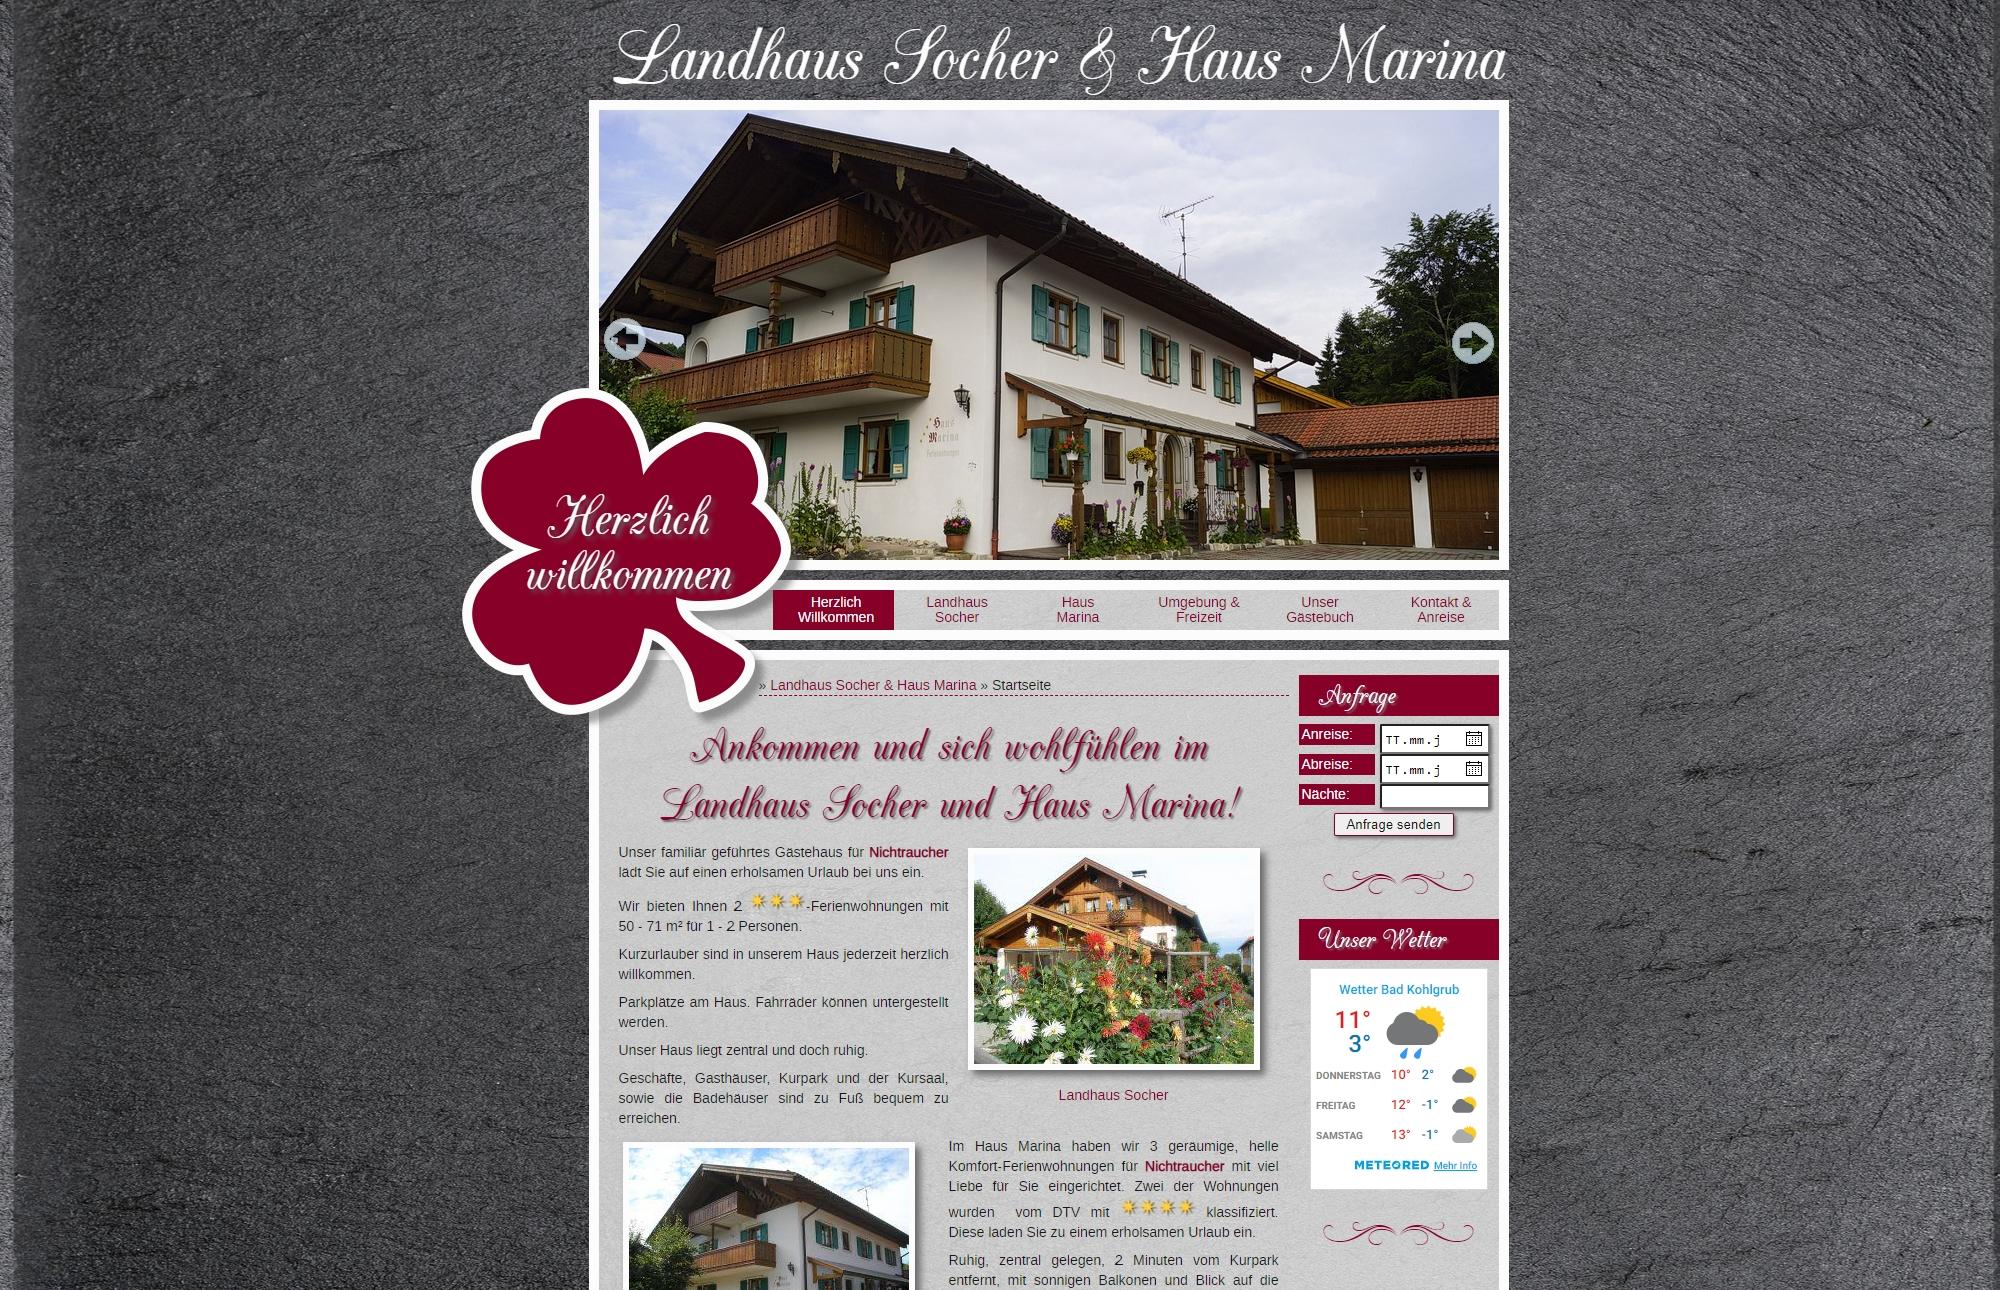 Landhaus Socher und Haus Marina, Bad Kohlgrub